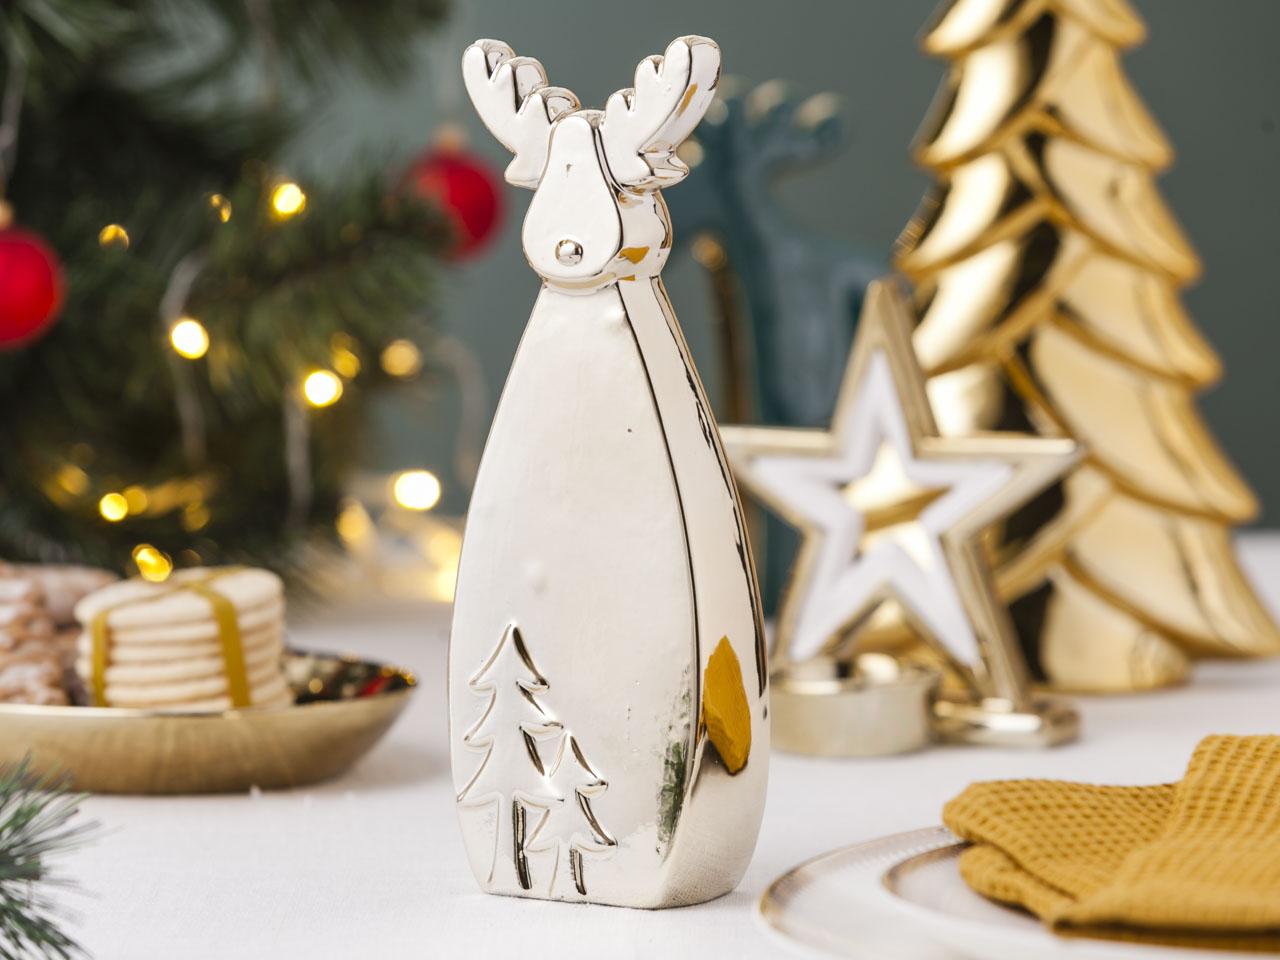 Ozdoba / figurka / dekoracja świąteczna Boże Narodzenie Altom Design Renifer złoty 8x4x21 cm